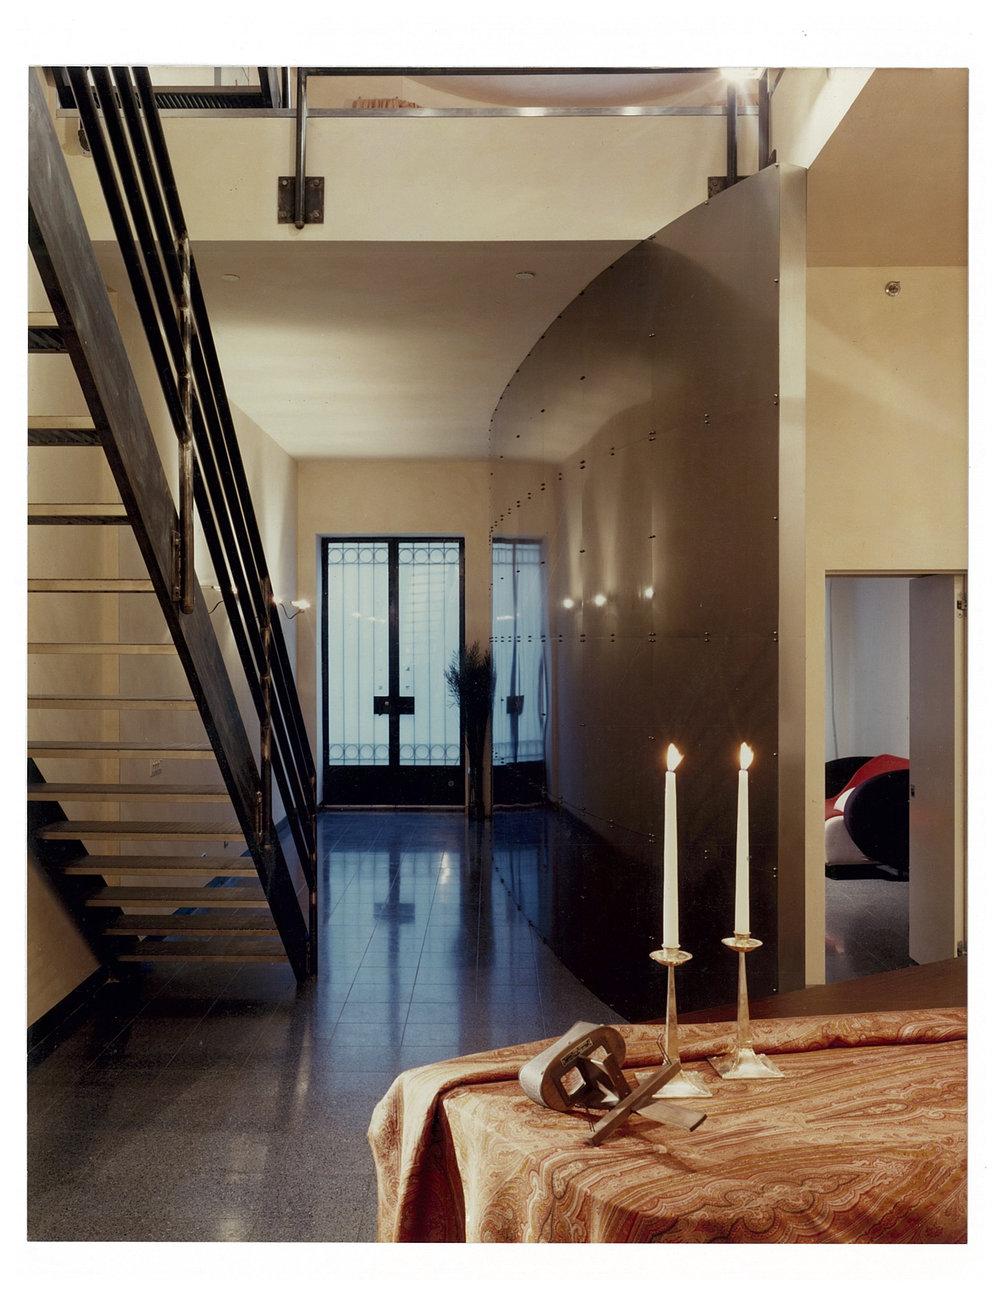 Steensma-Photo Interior Entry copy.jpg